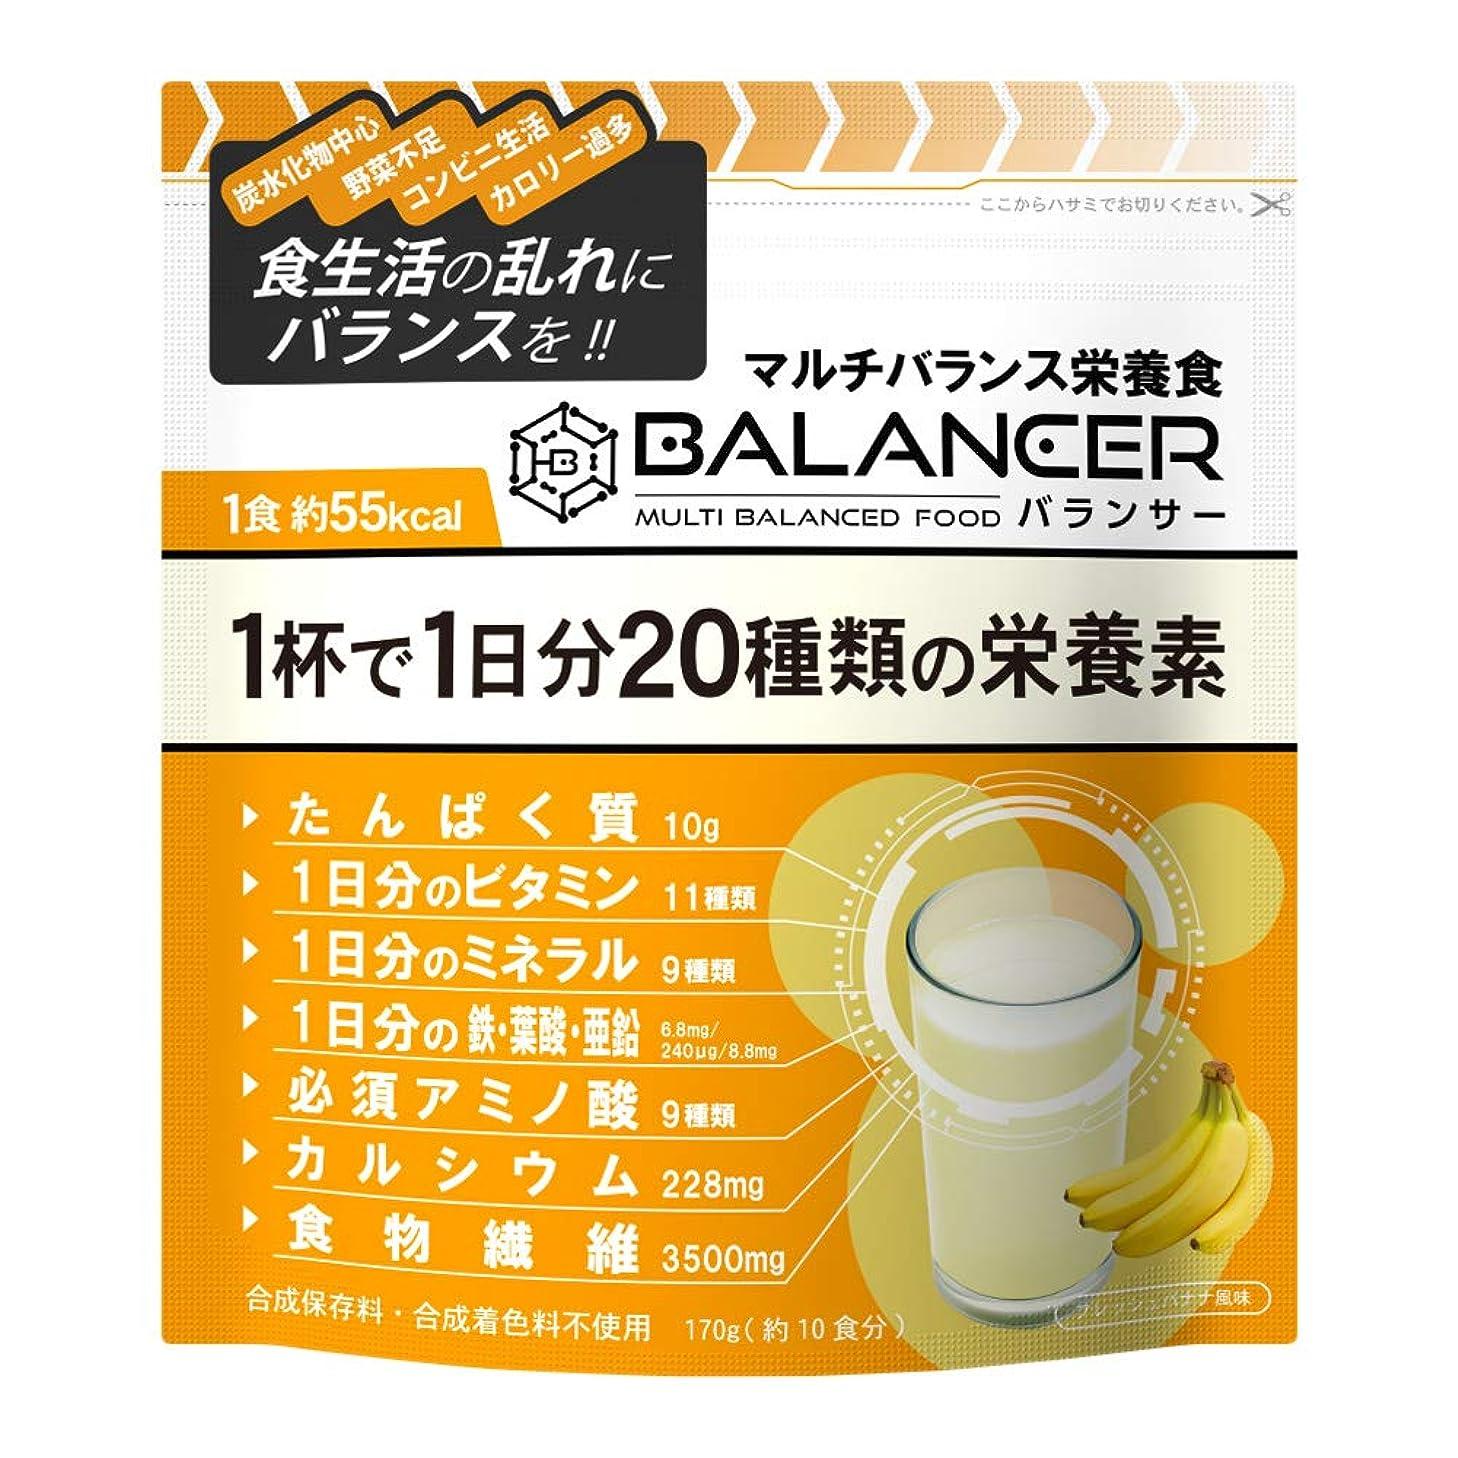 忌み嫌う生命体アジテーションバランサー 低糖質 高たんぱく 1杯で1日分20種類の栄養素 マルチバランス栄養食 フレッシュバナナ風味 170g